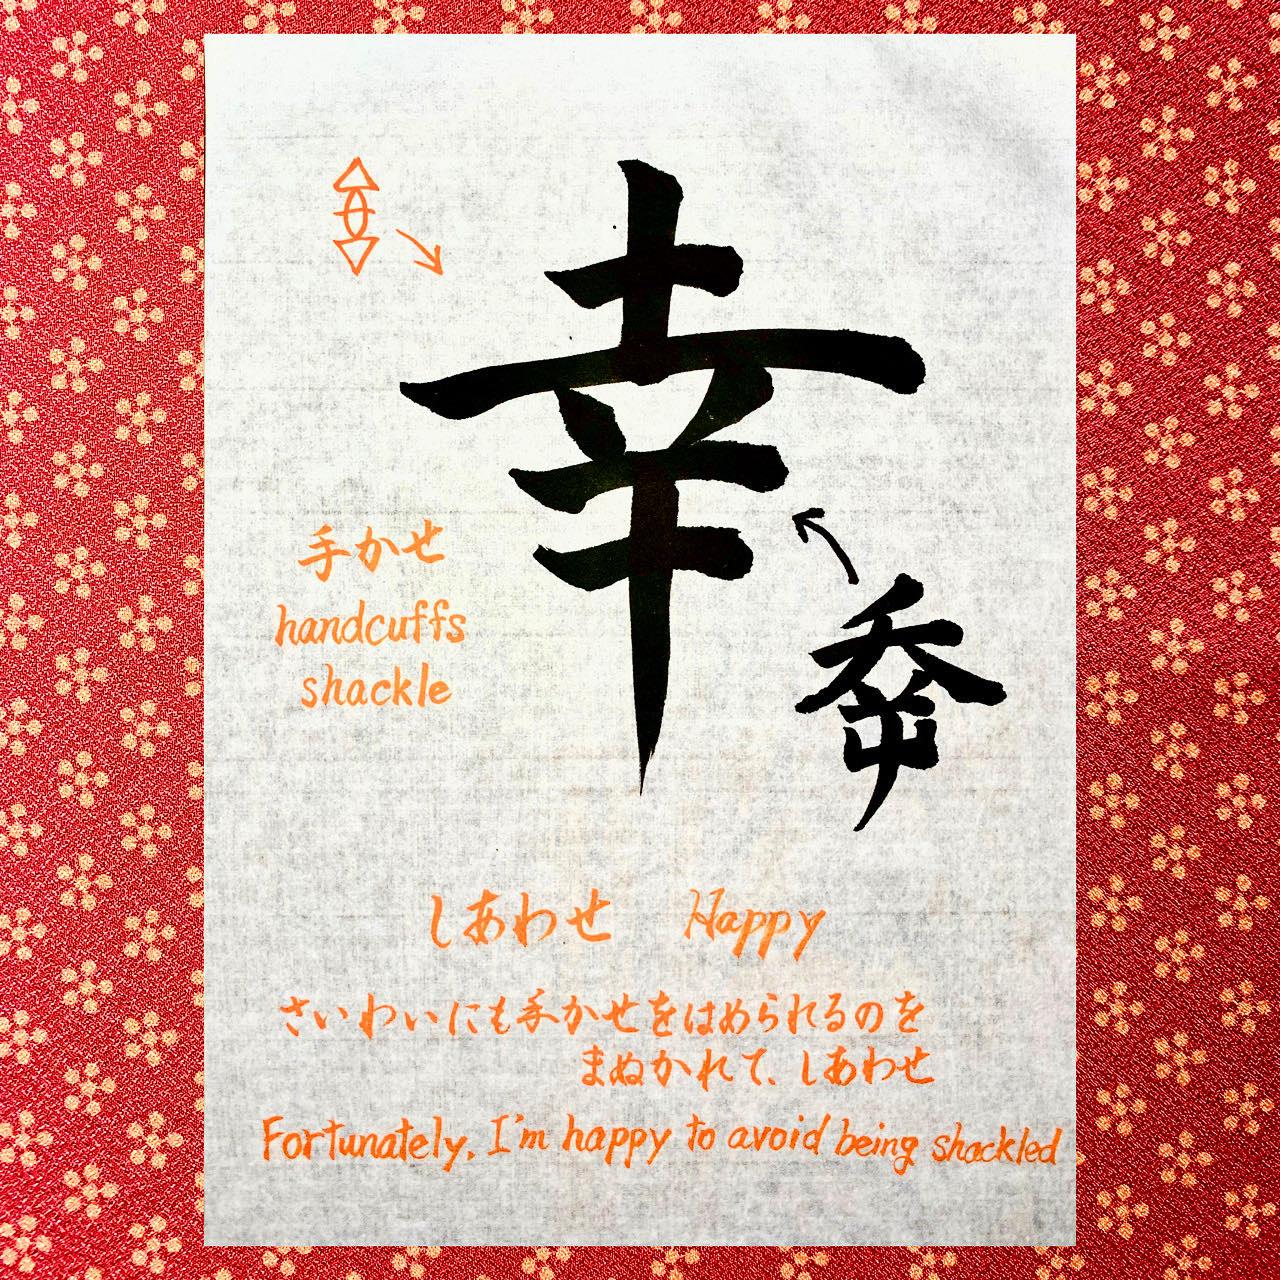 幸いにも手枷をはめられるのを免れて幸せ、という意味を表している漢字